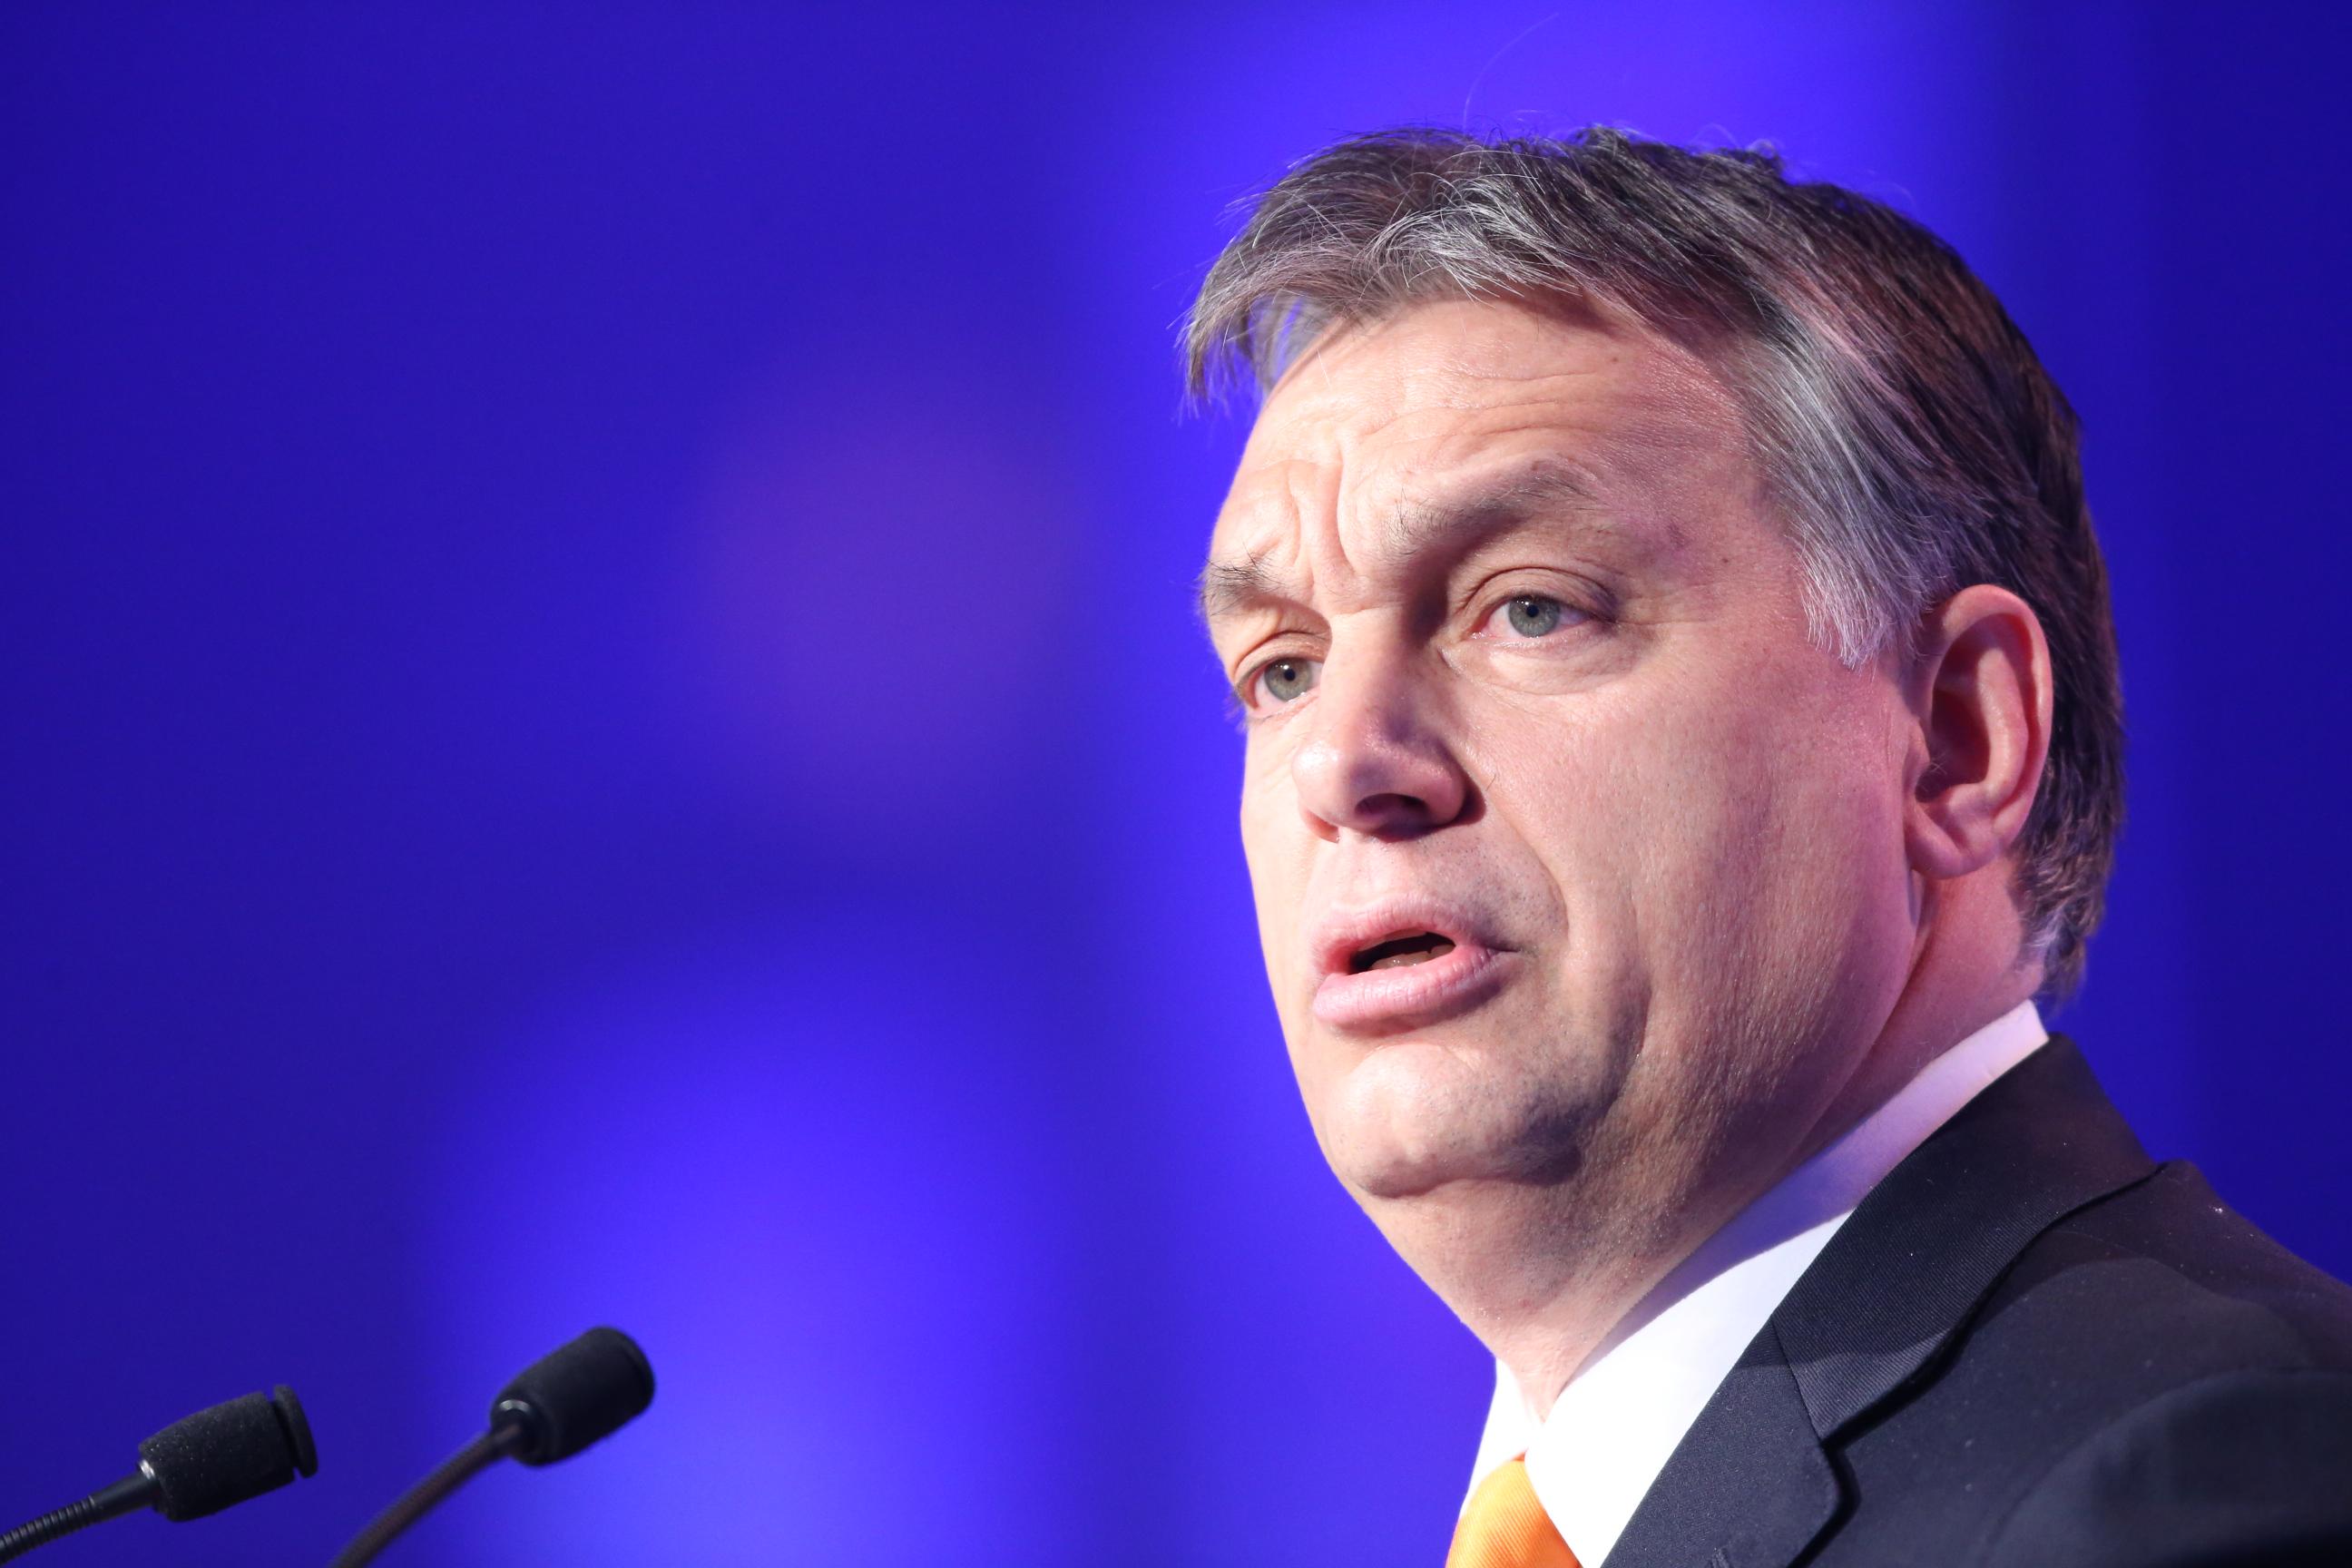 Za karę śmierci Węgry zostaną wyrzucone z Unii Europejskiej